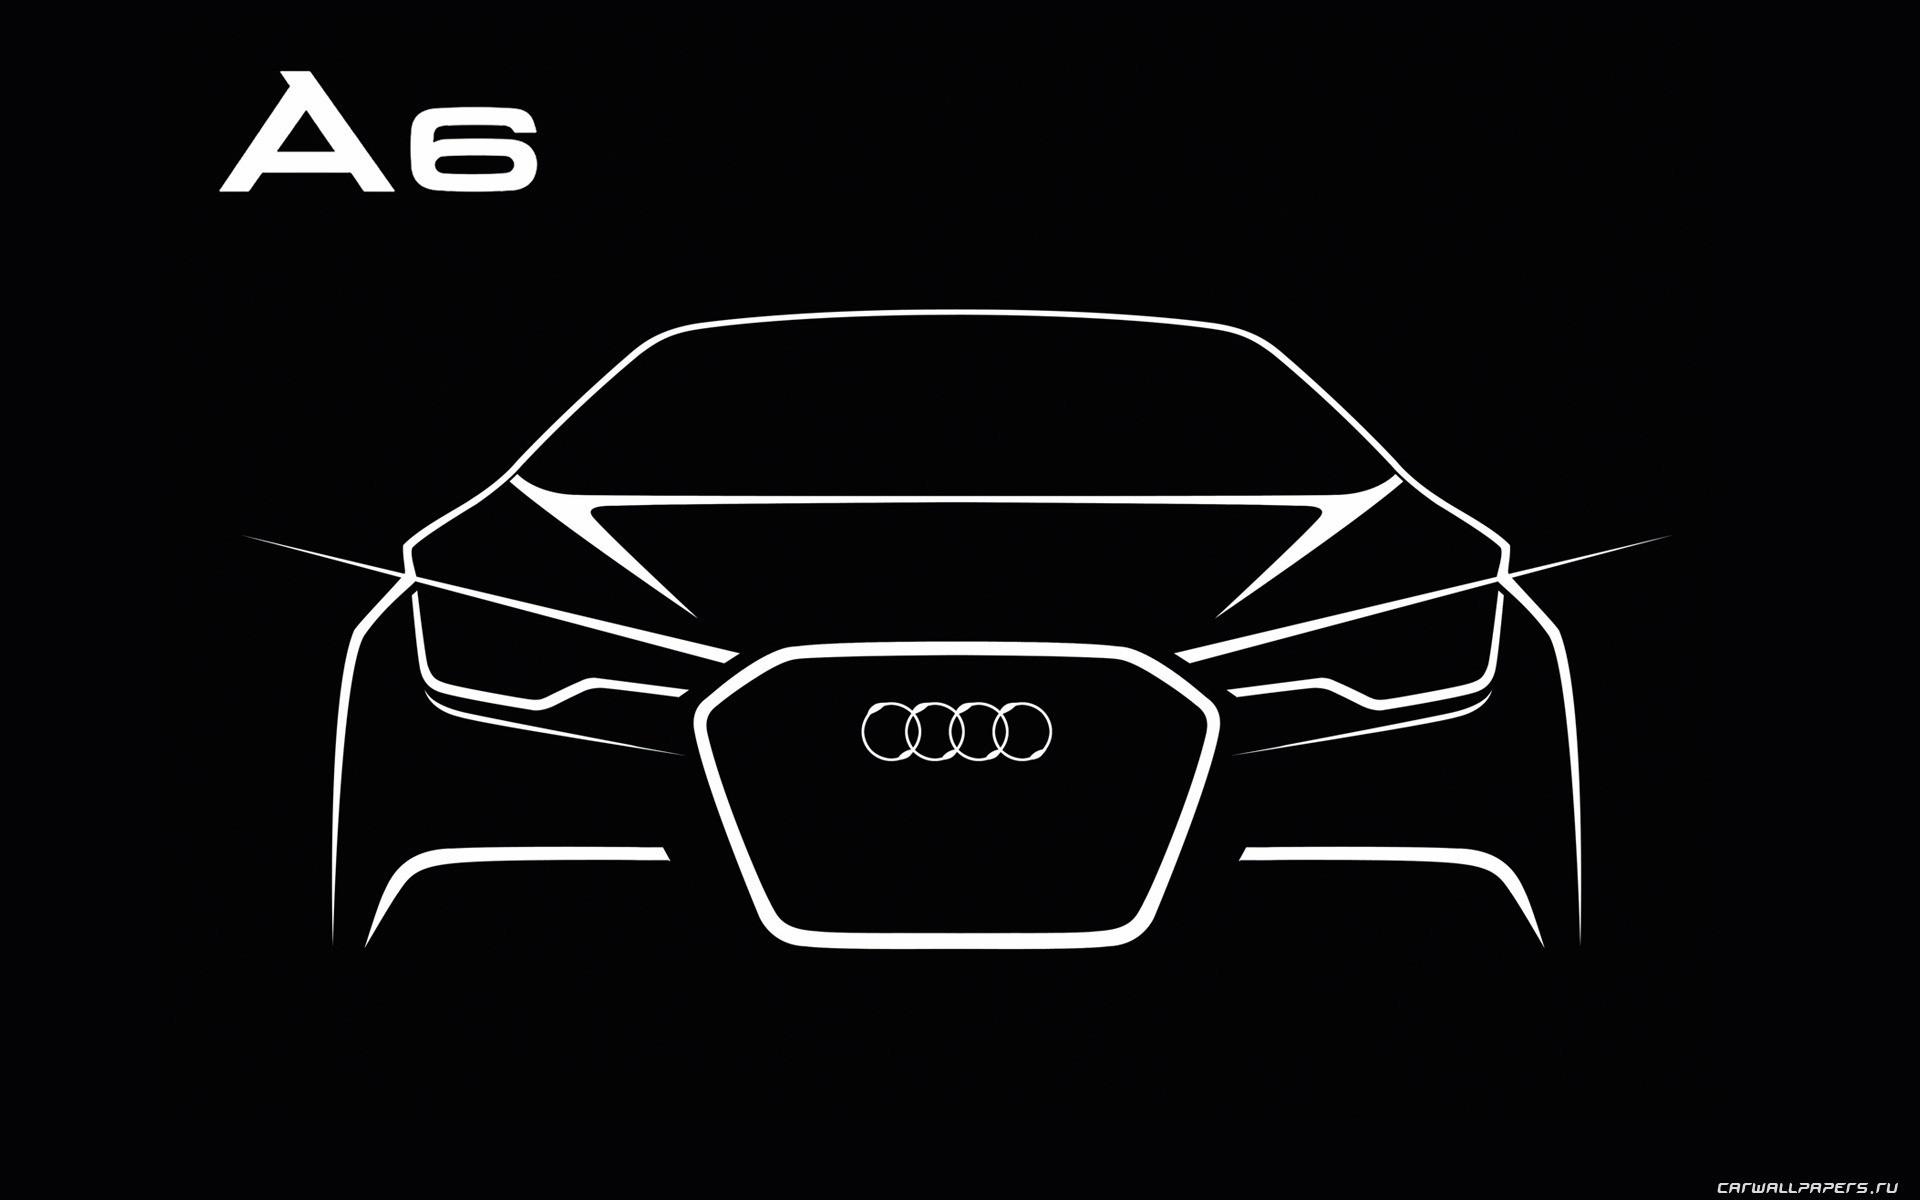 新型アウディA6の日本発売開始!価格は920万円、エンジンはV6のみでスタート!